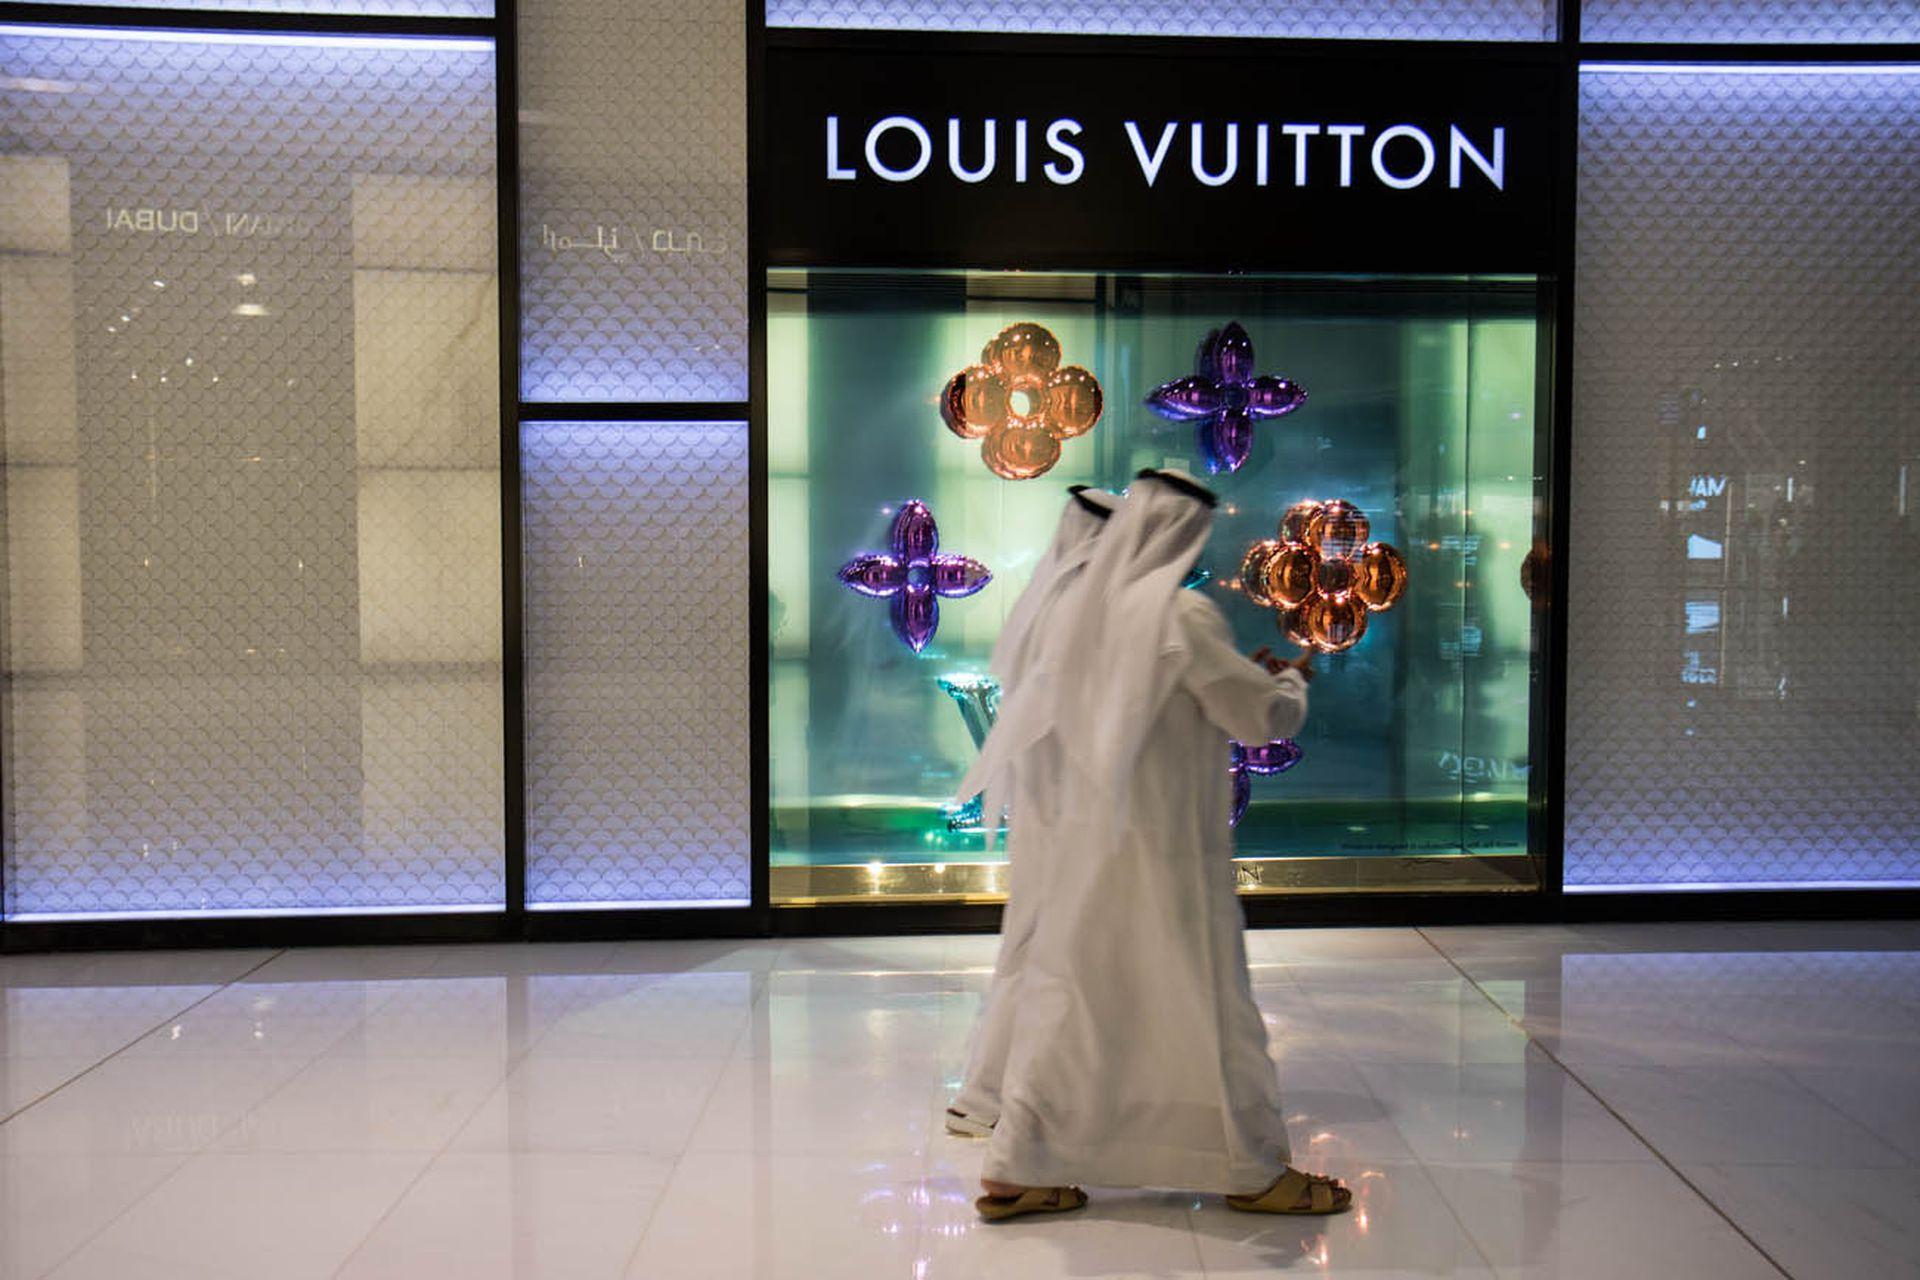 Dos hombres pasean con sus atuendos tradicionales por el Dubai Mall.